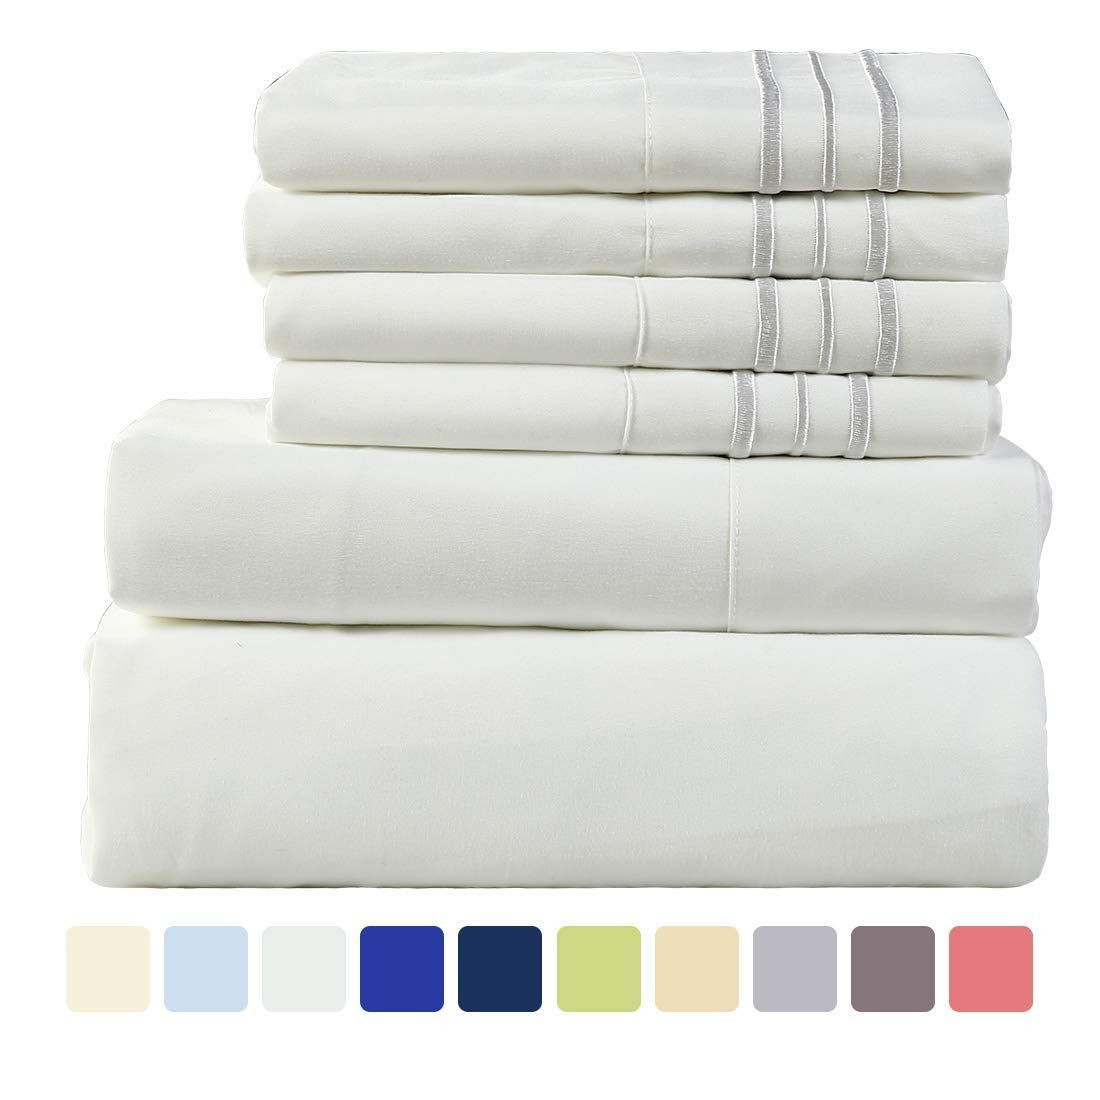 Warm Harbor Microfiber Sheet Set Super Soft 1800 Thread Count Deep Pocket Bed Sheets Wrinkle Fade Stain Resistant 6 Pi Sheet Sets Stain Resistant Bed Sheets